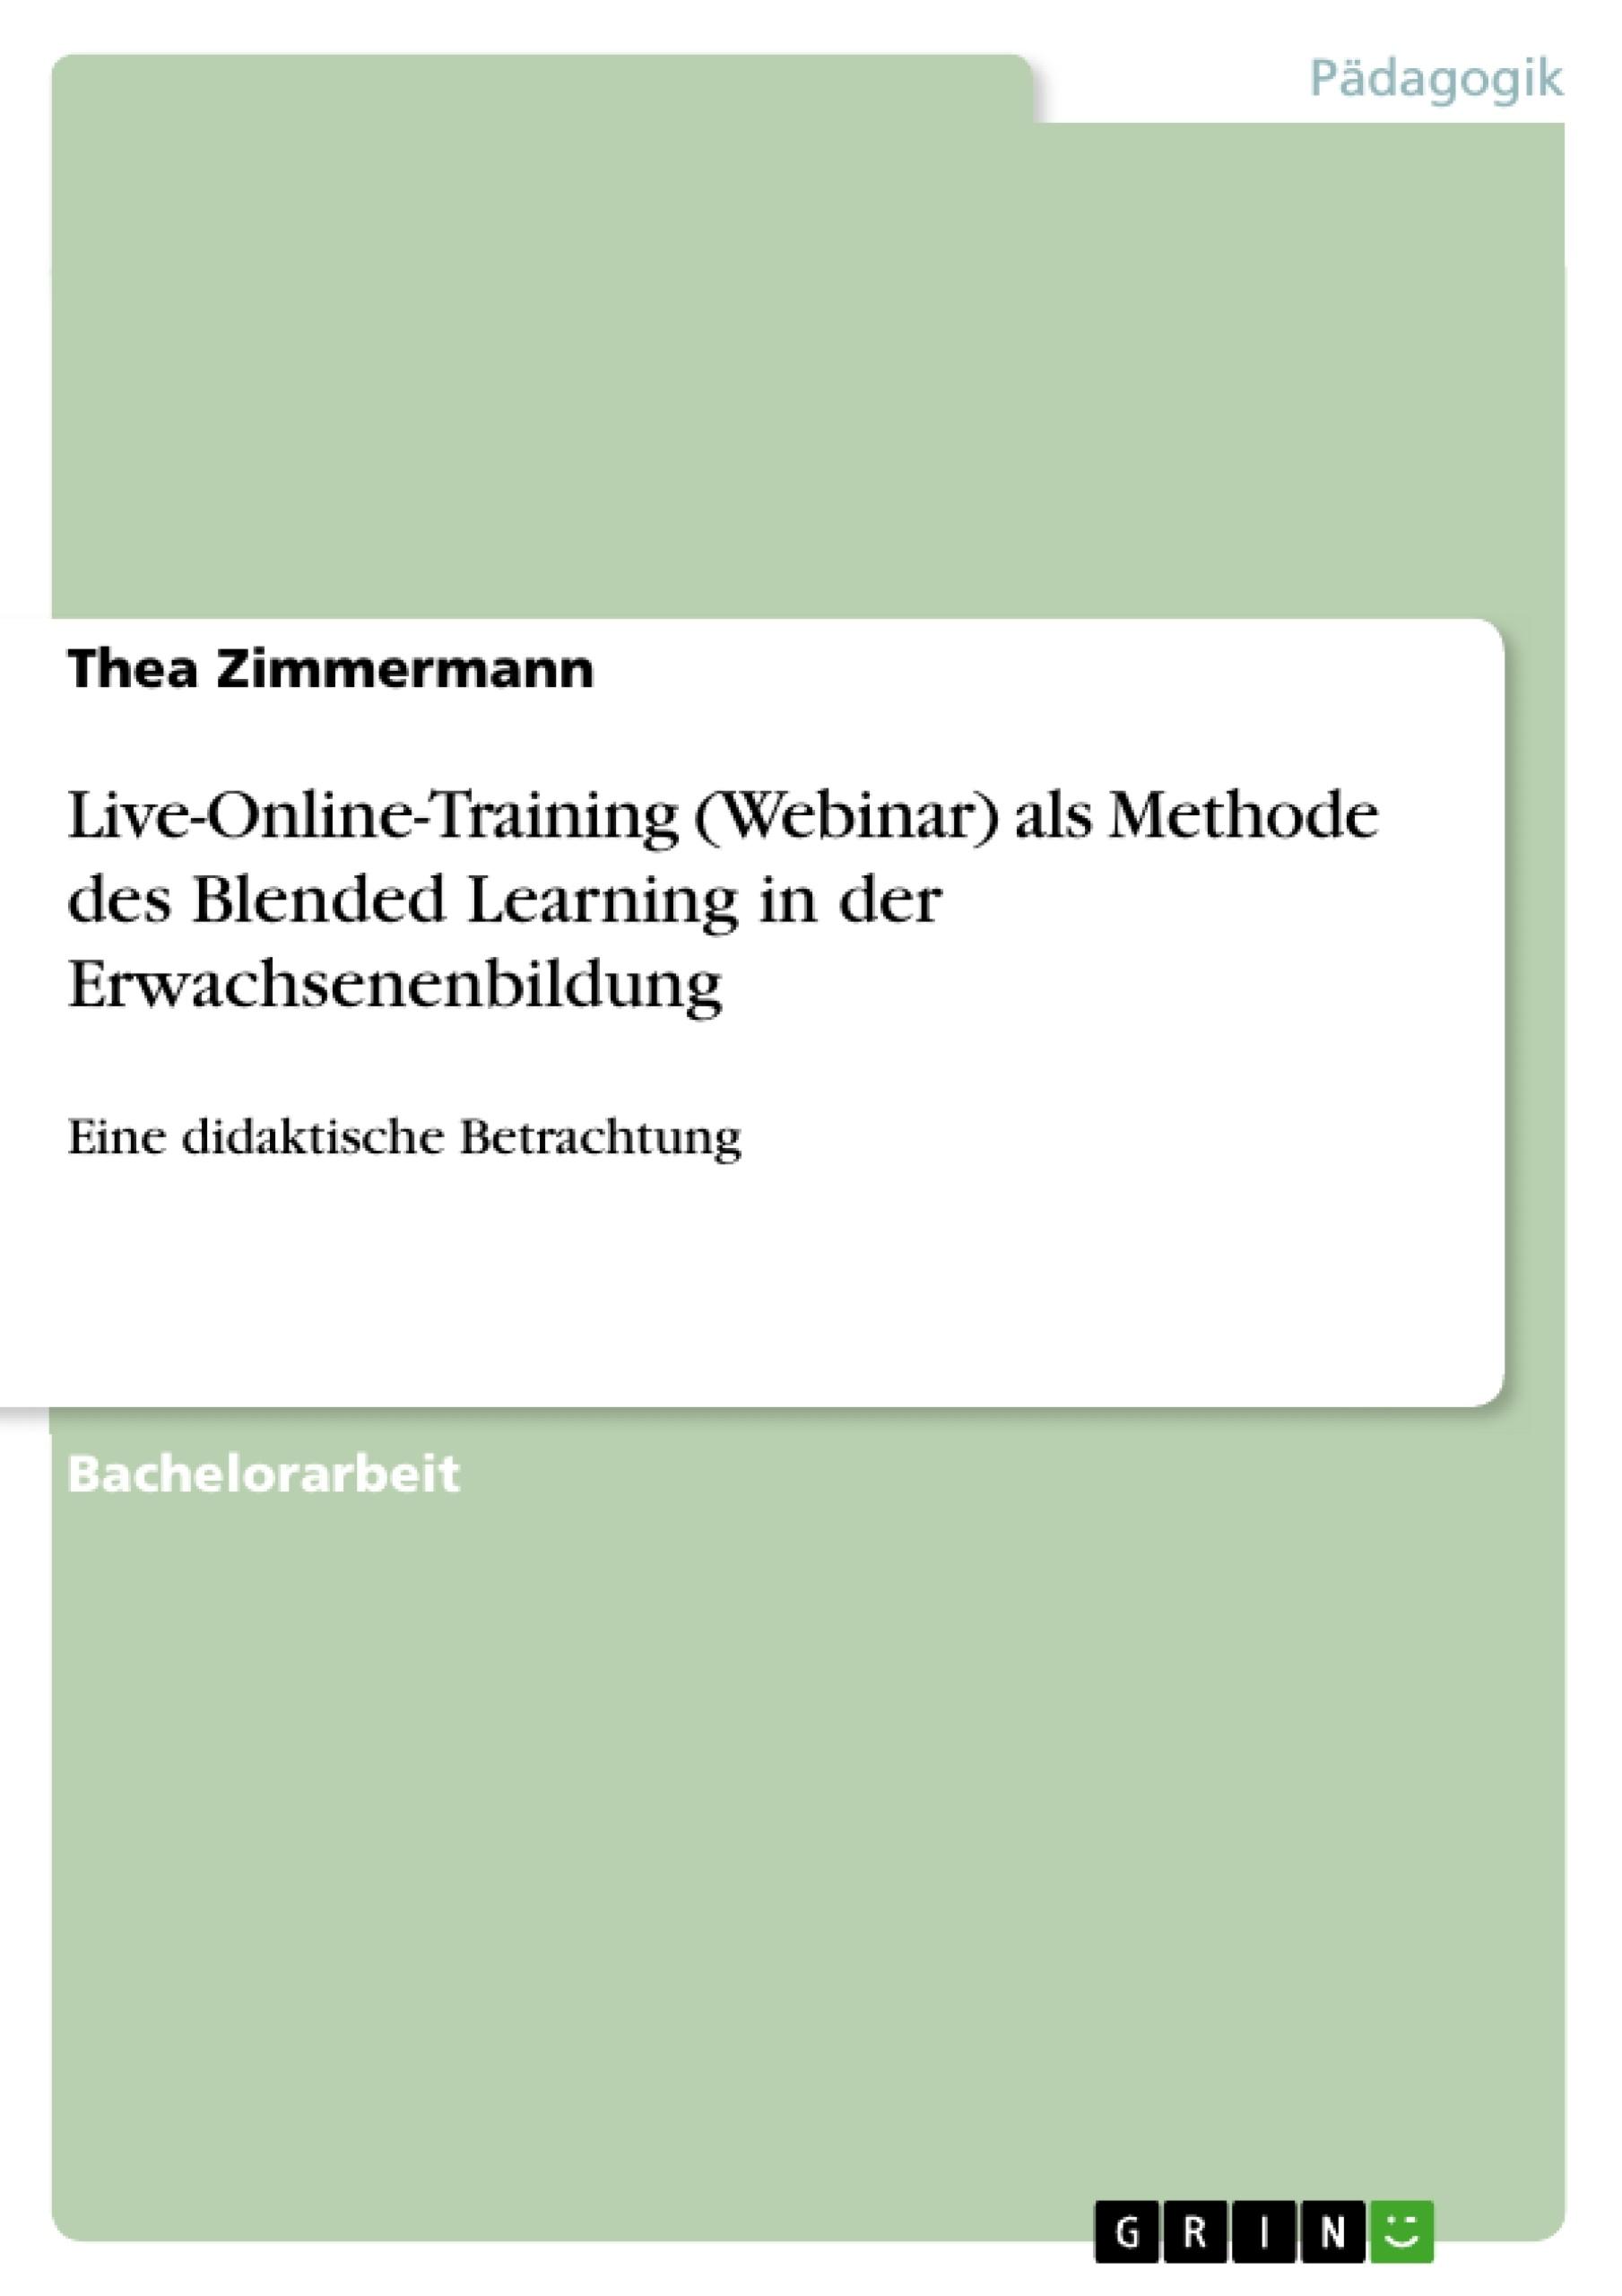 Titel: Live-Online-Training (Webinar) als Methode des Blended Learning in der Erwachsenenbildung